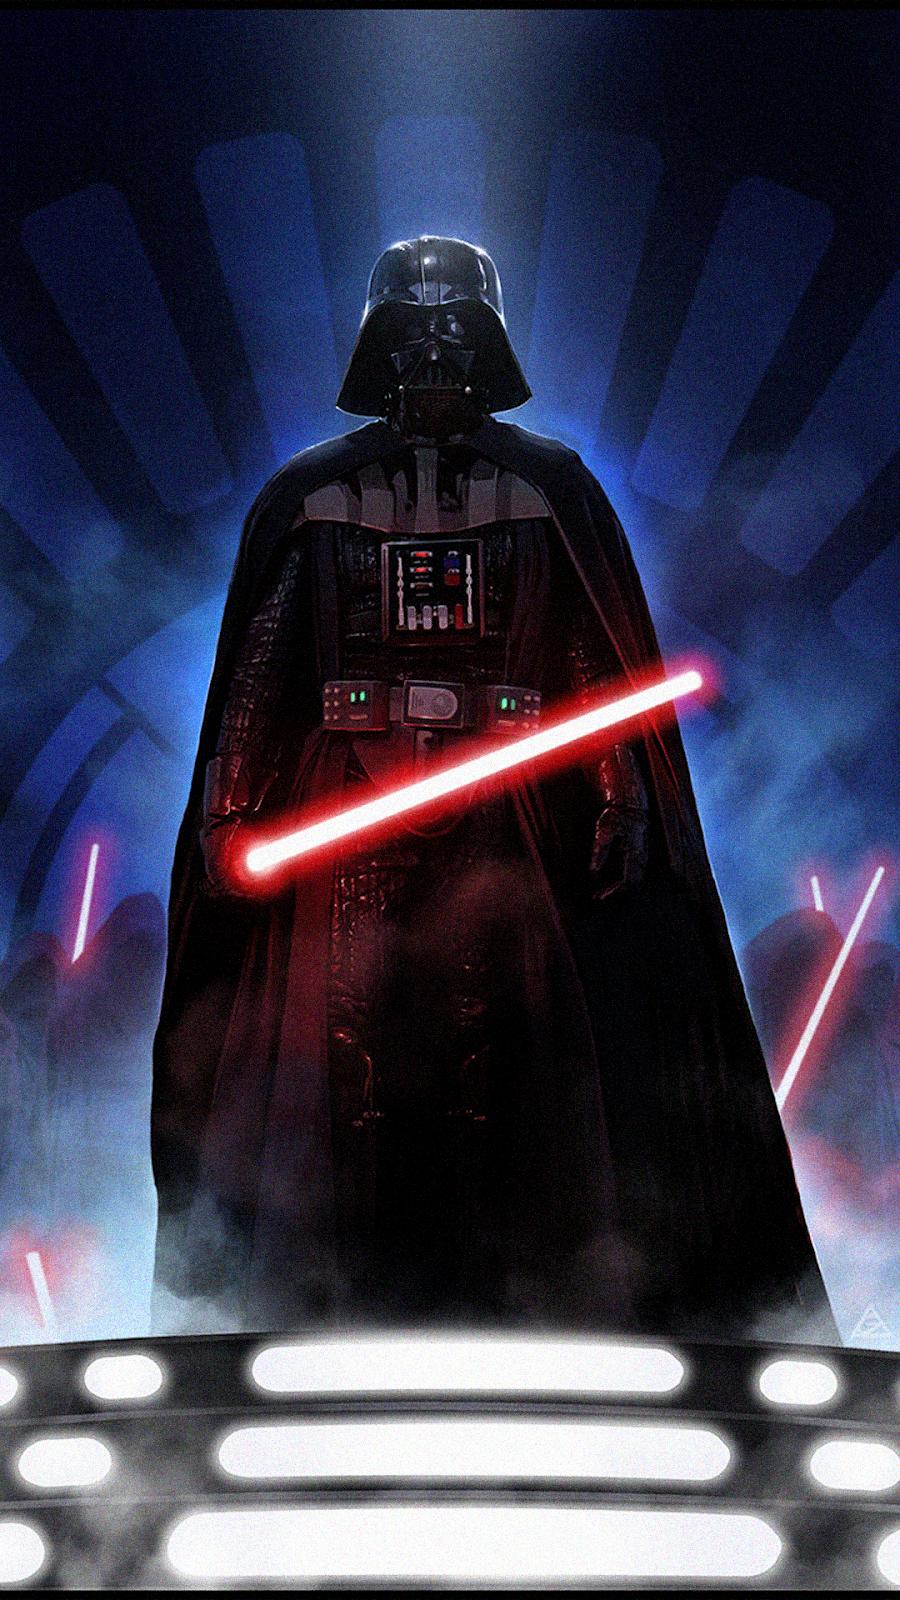 Darth Vader Wallpaper Collection Darth Vader Wallpaper Star Wars Wallpaper Darth Vader